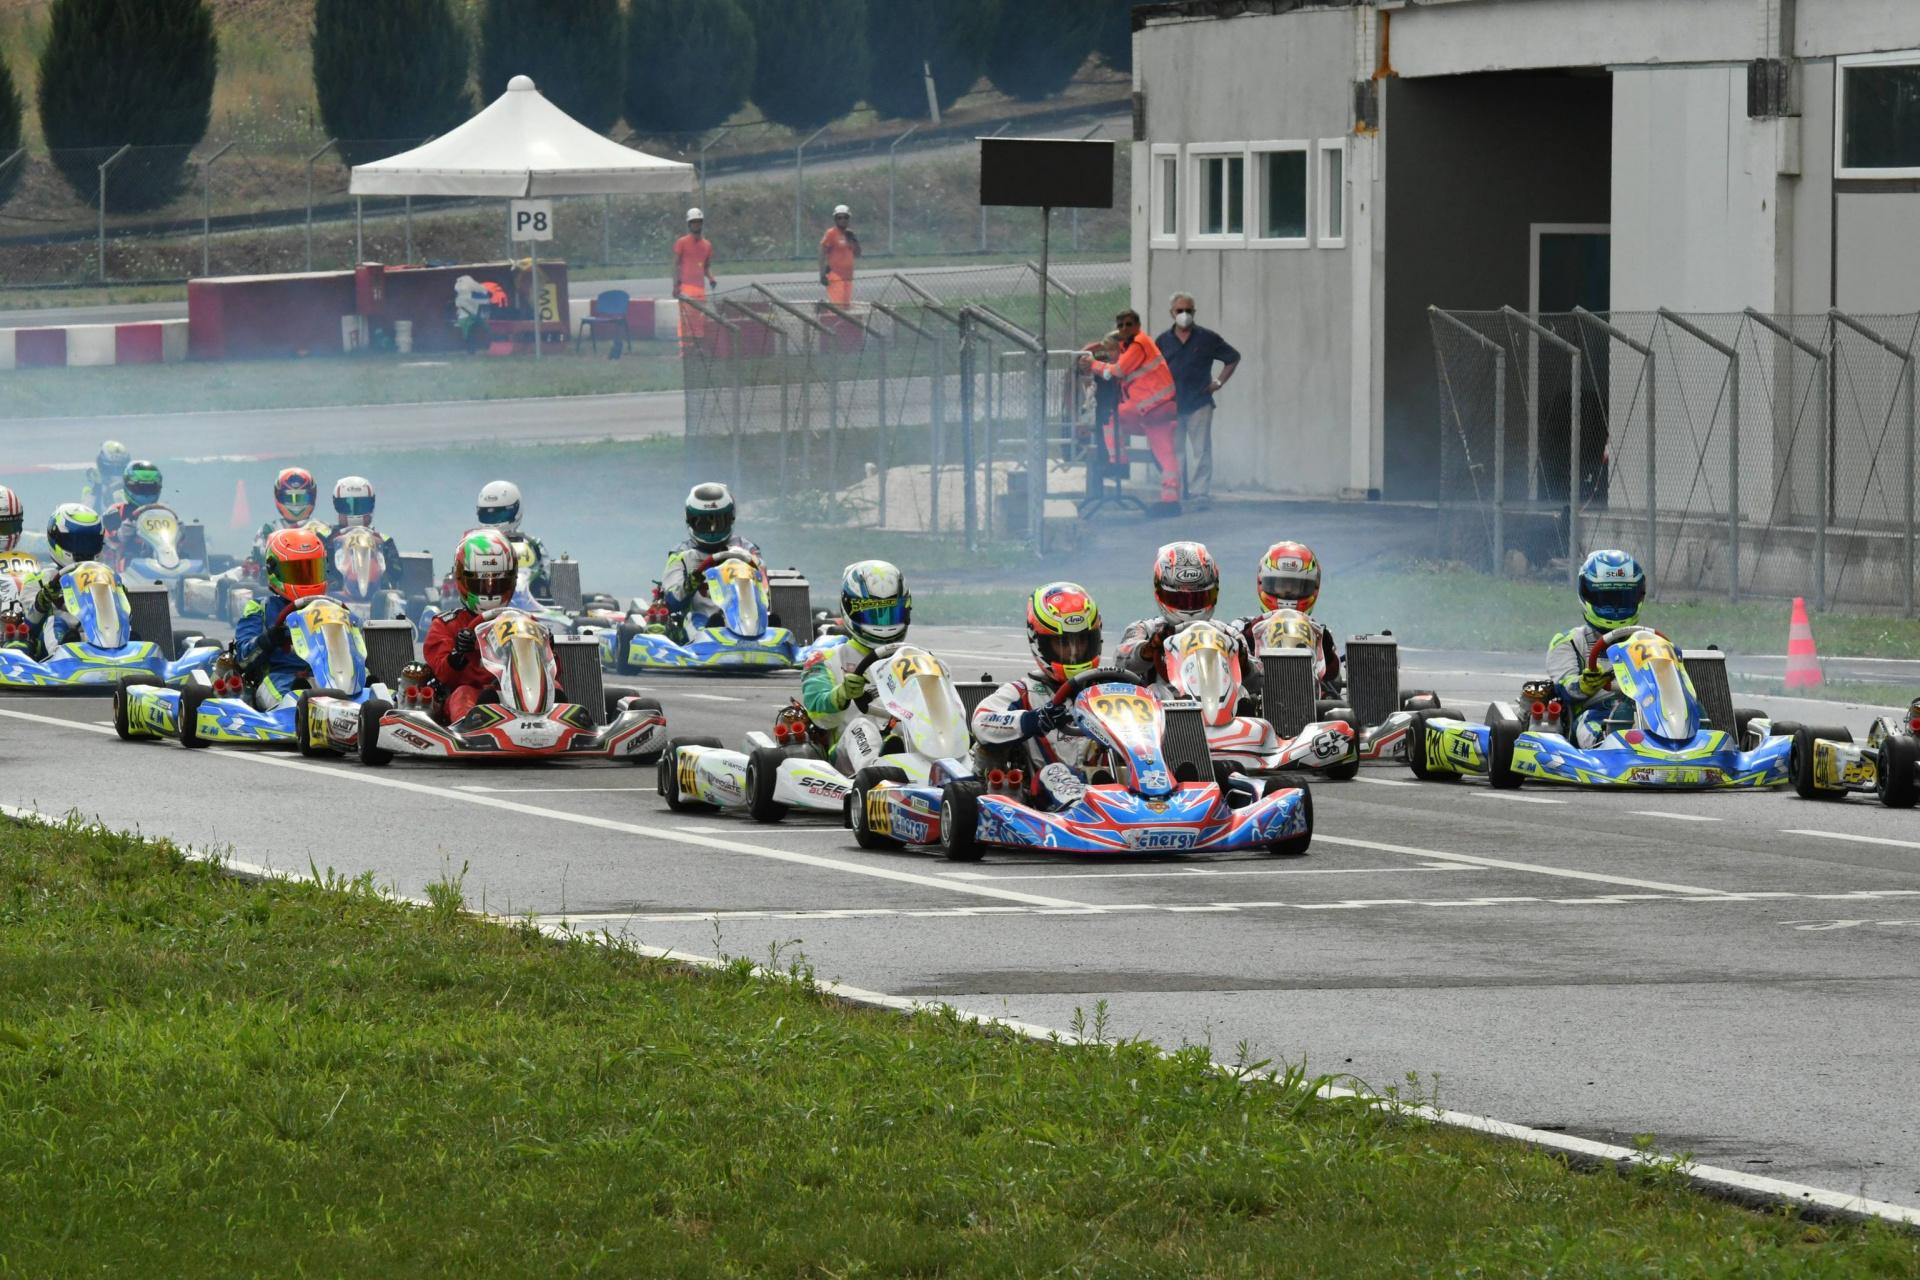 Franciacorta archivia la penultima gara della Rok Cup Italy in attesa del gran finale